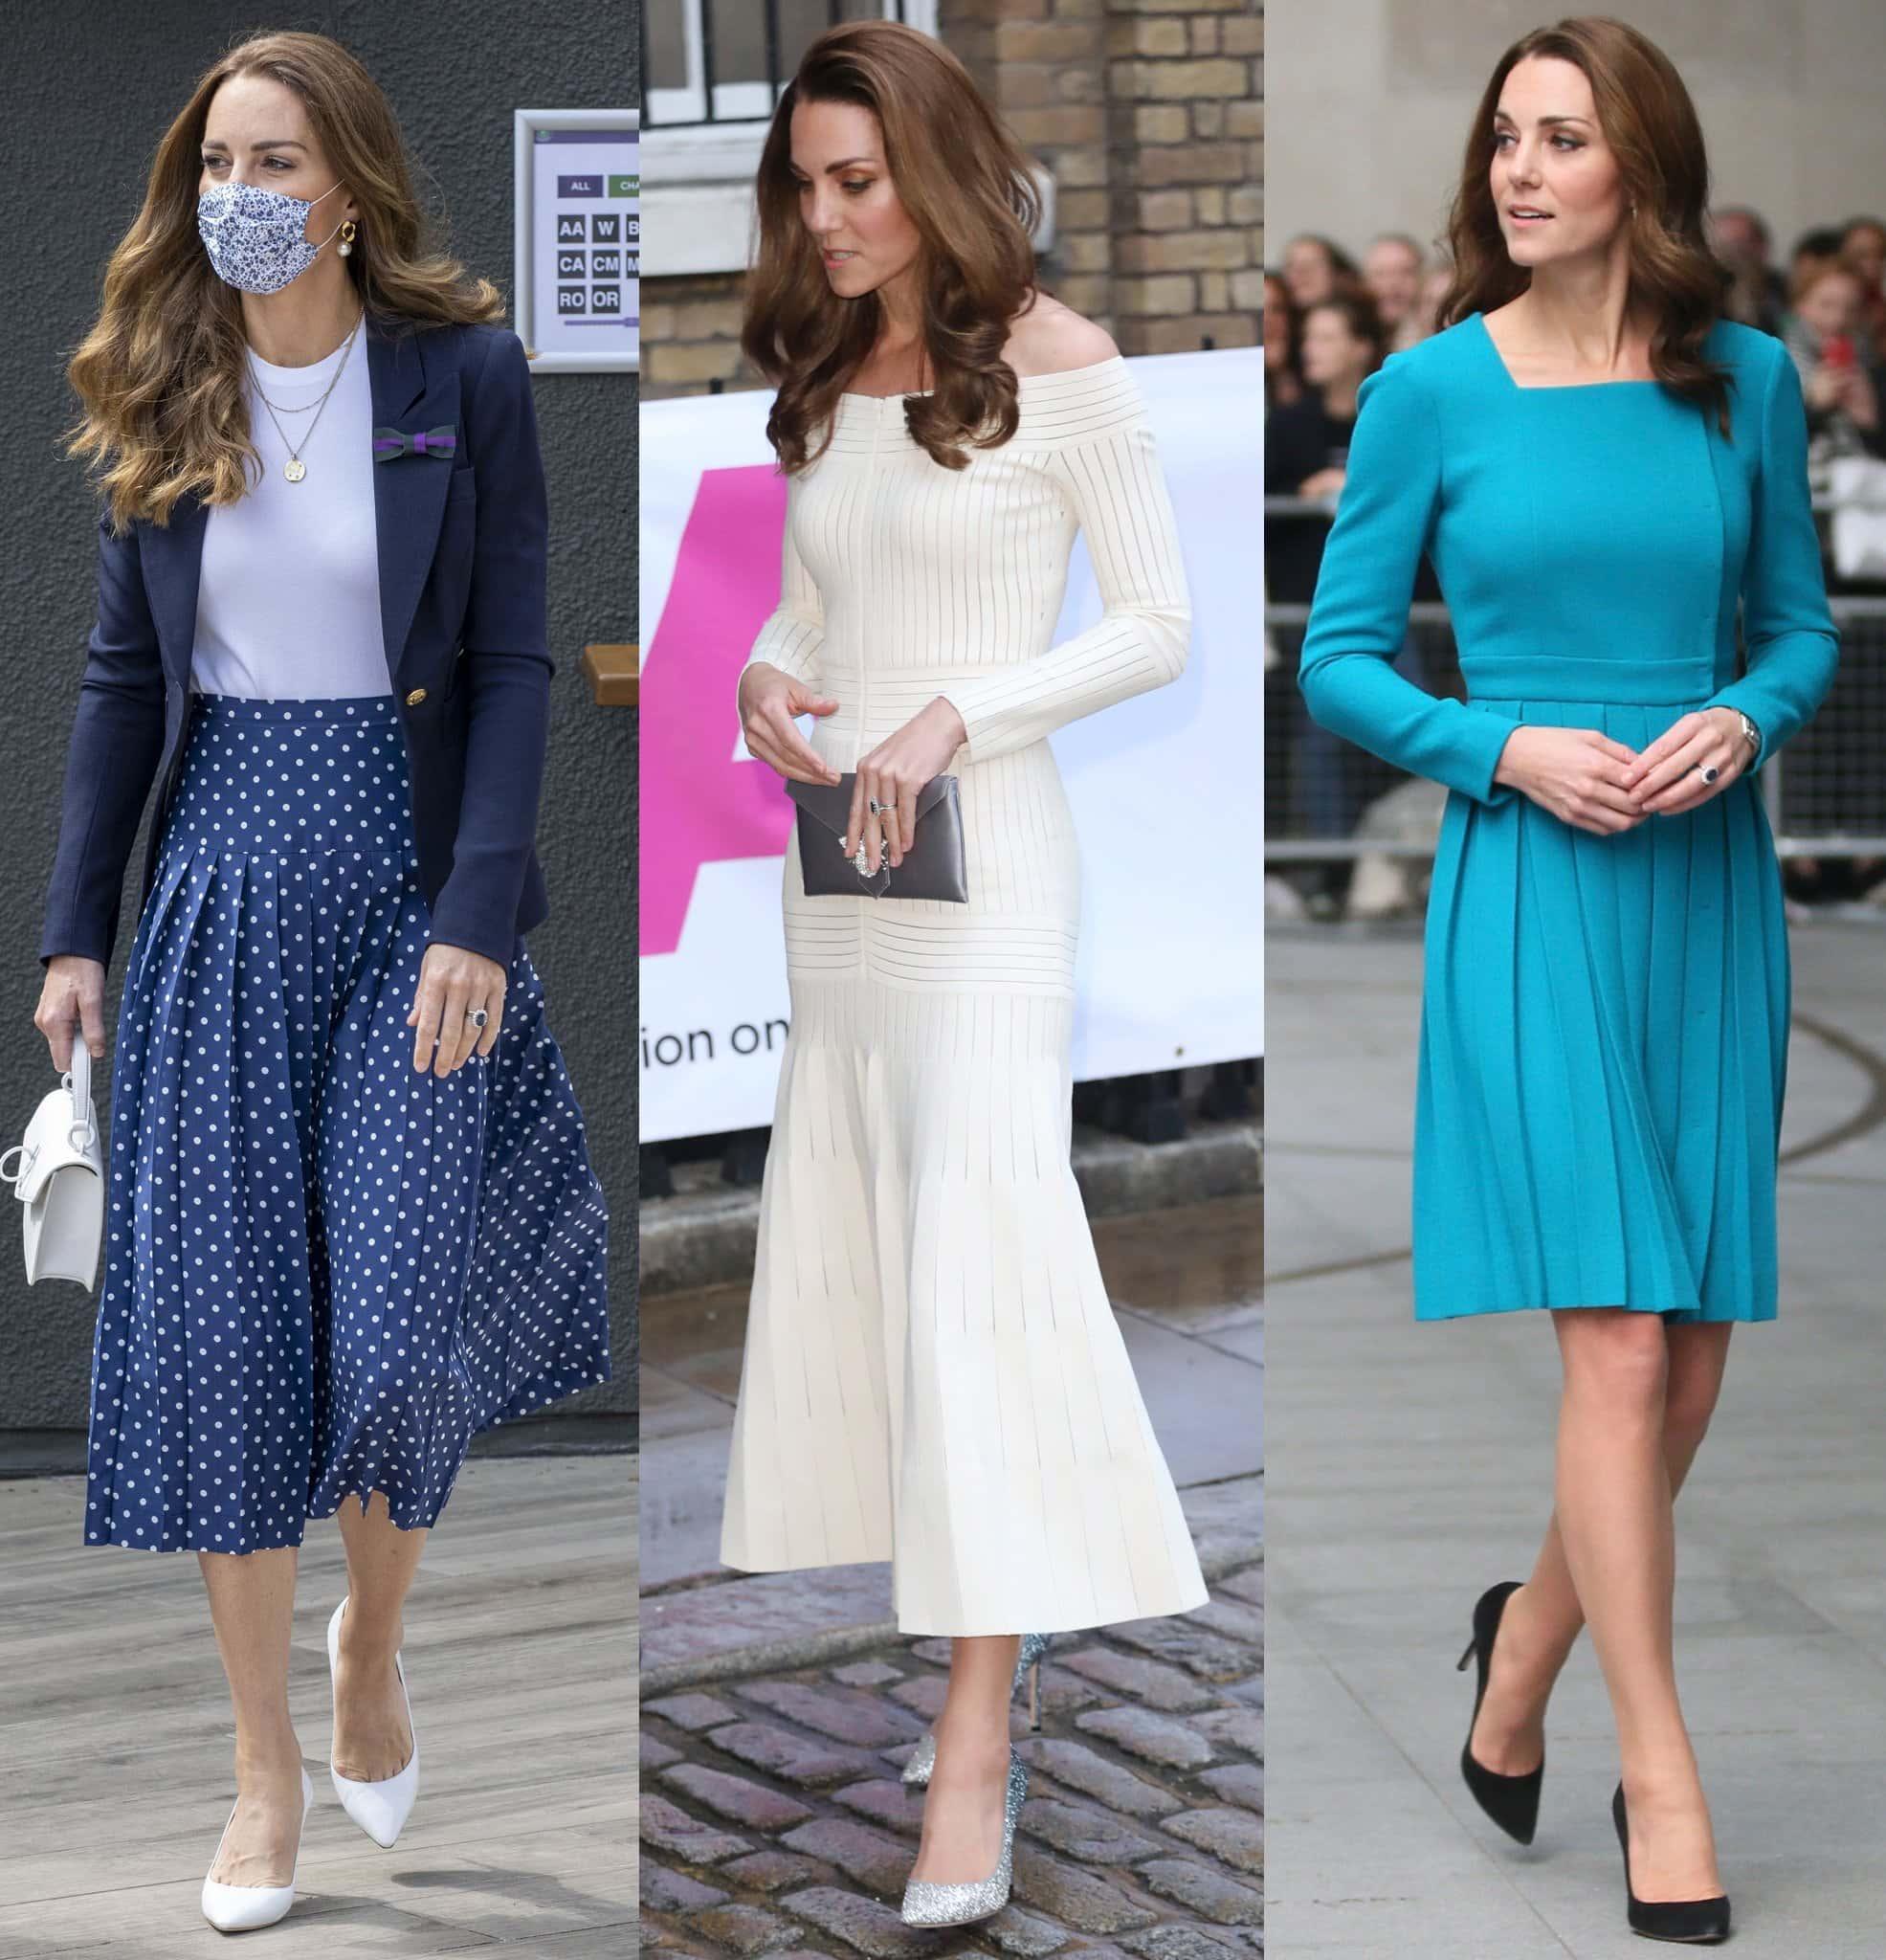 Duchess of Cambridge, Kate Middleton, is a fan of Jimmy Choo Romy pumps